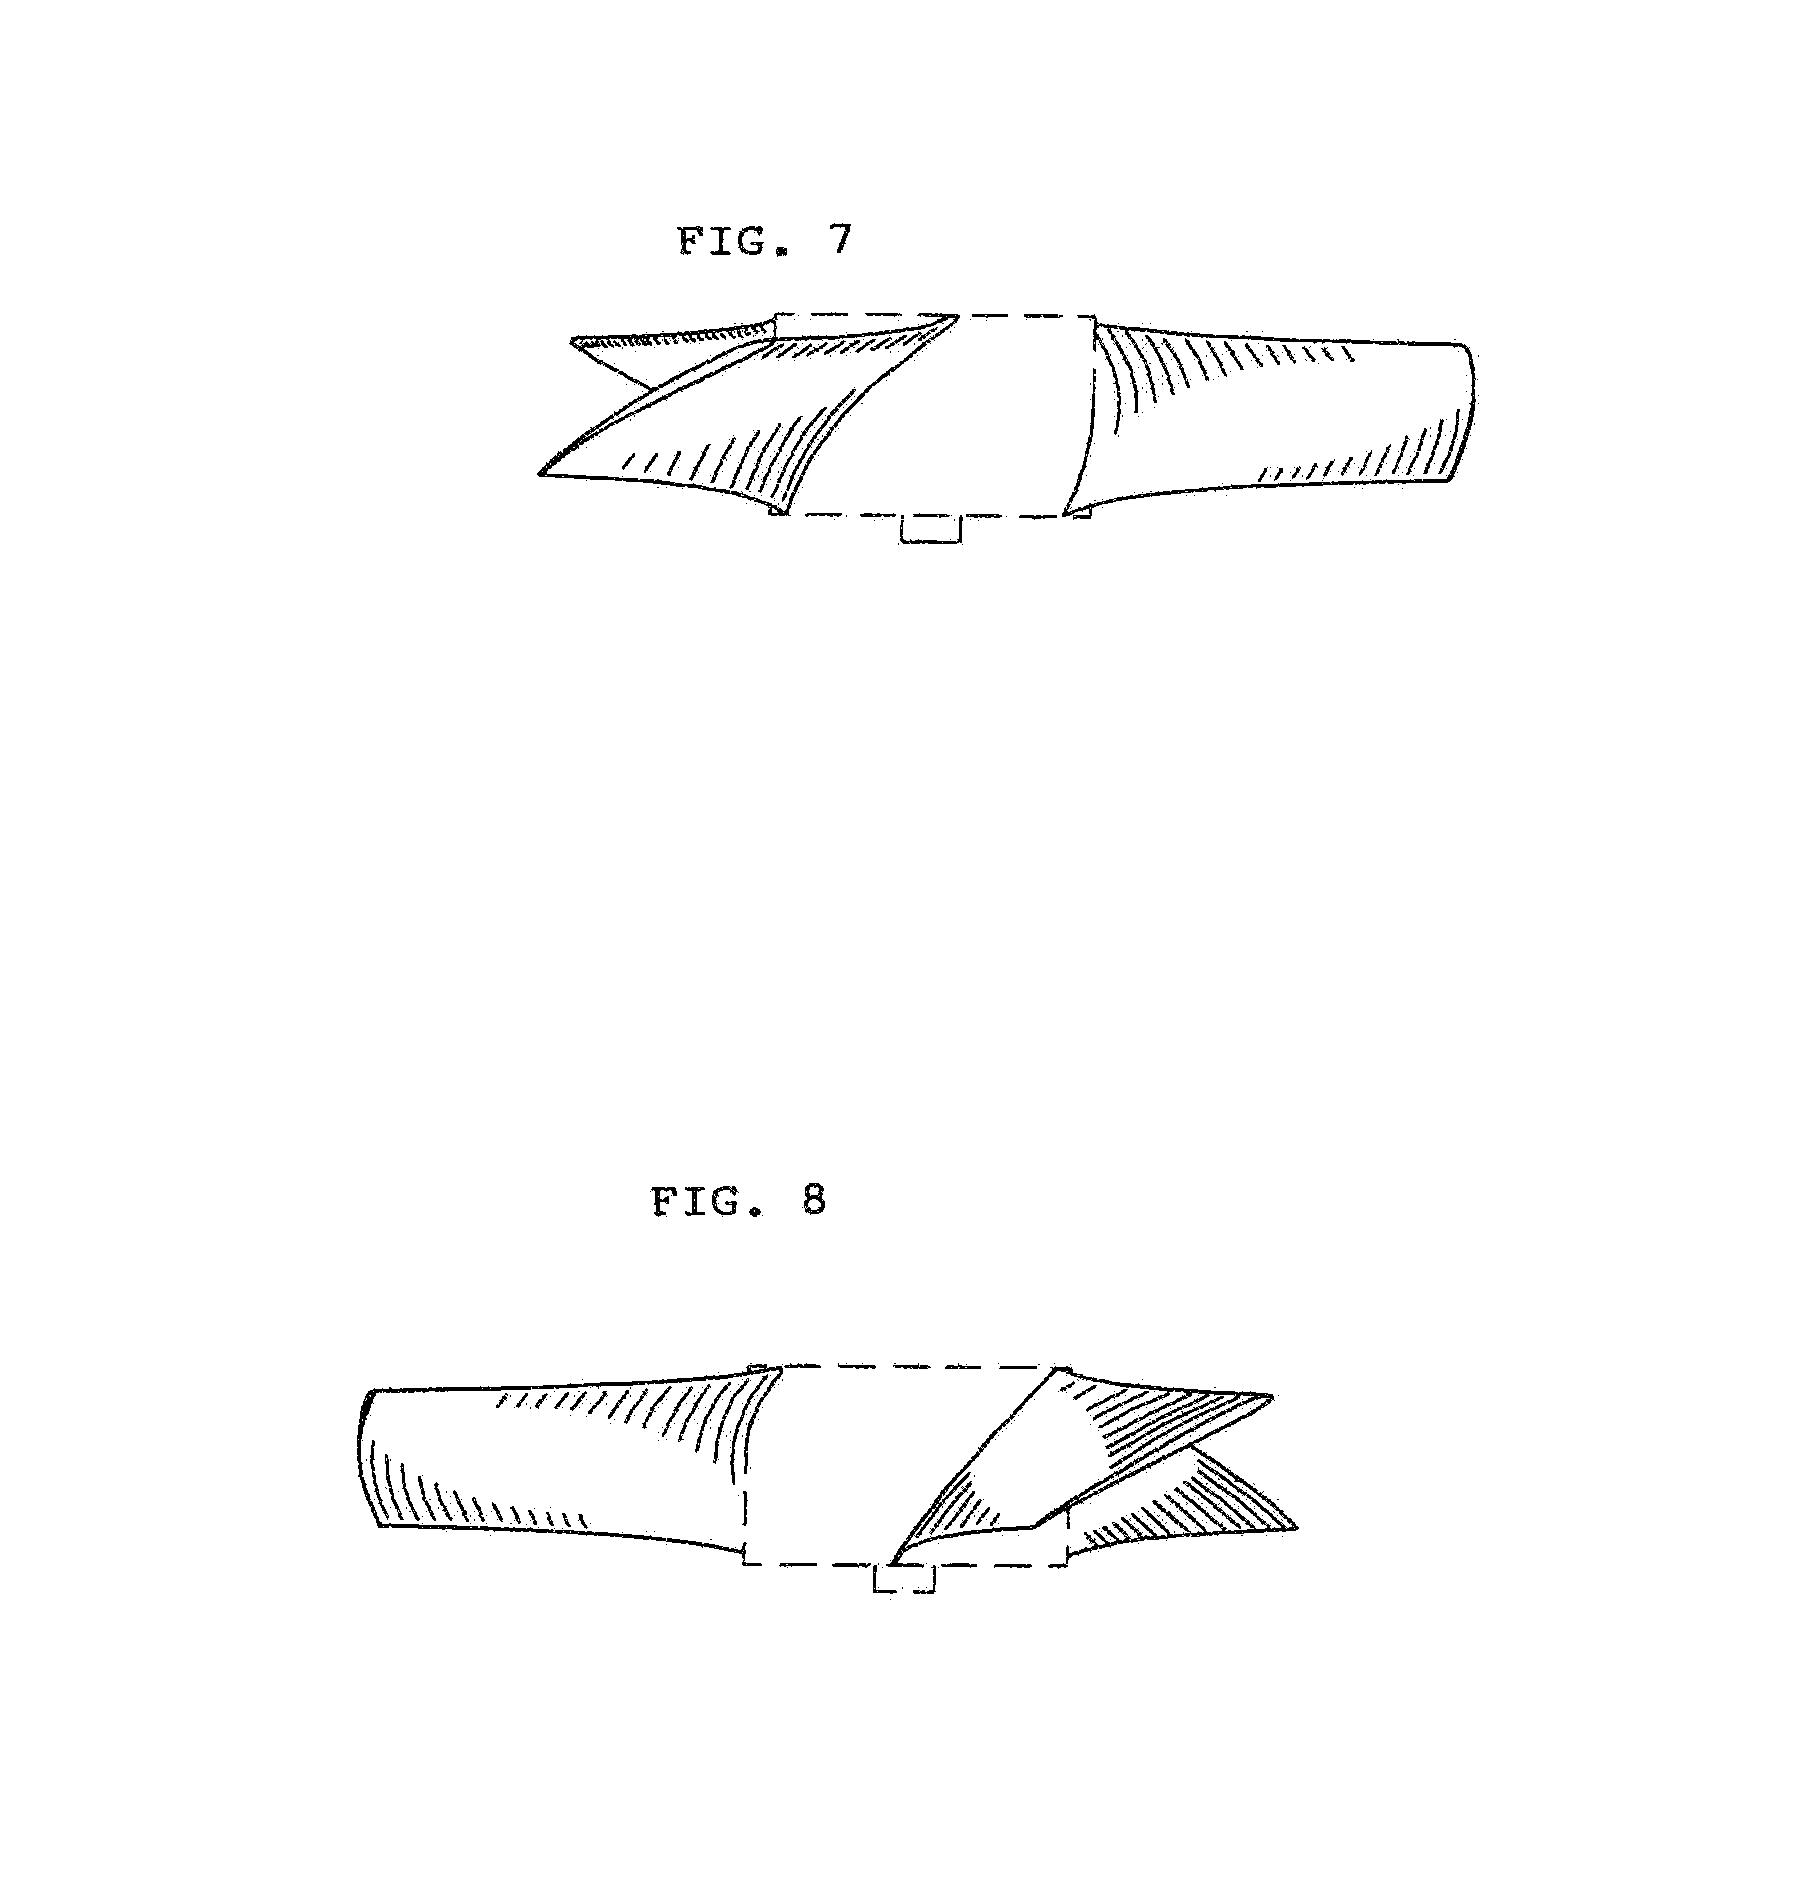 Fan Blade Drawing : Patent usd fan blade google patents